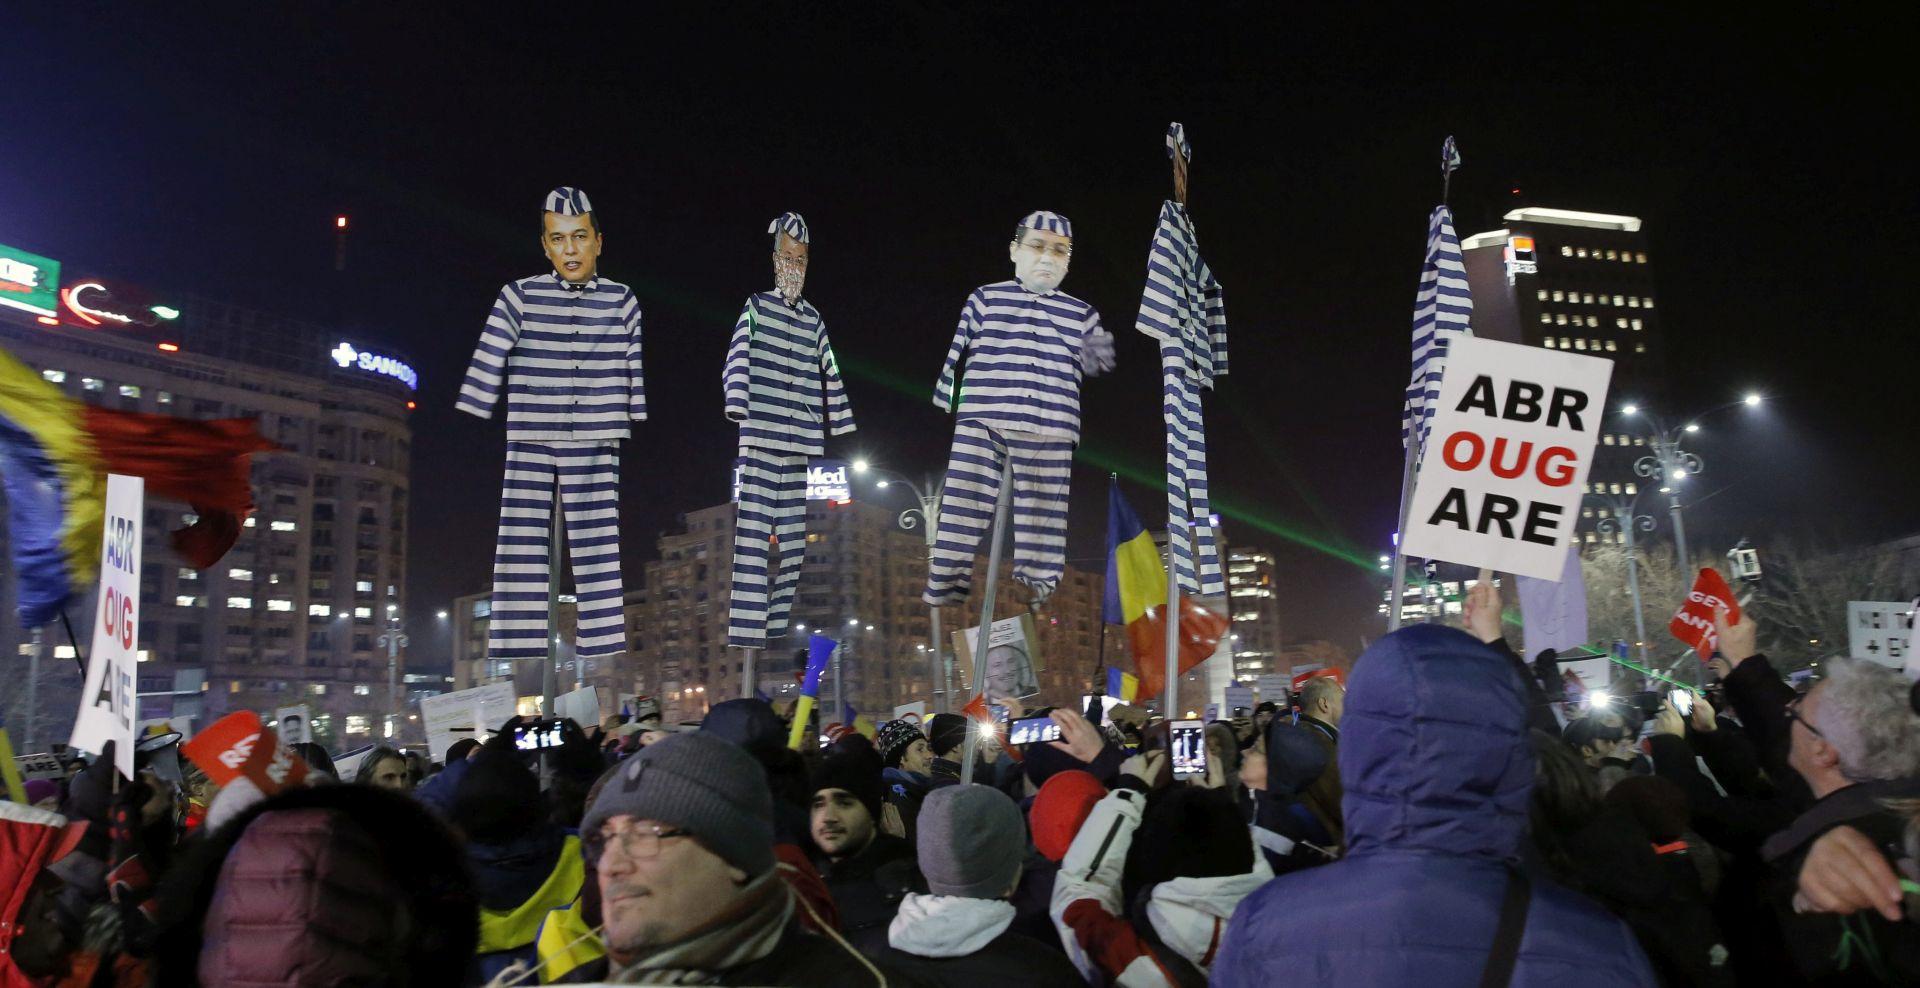 Rumunjski čelnik najavio moguć zaokret u vezi s ublažavanjem zakona o korupciji